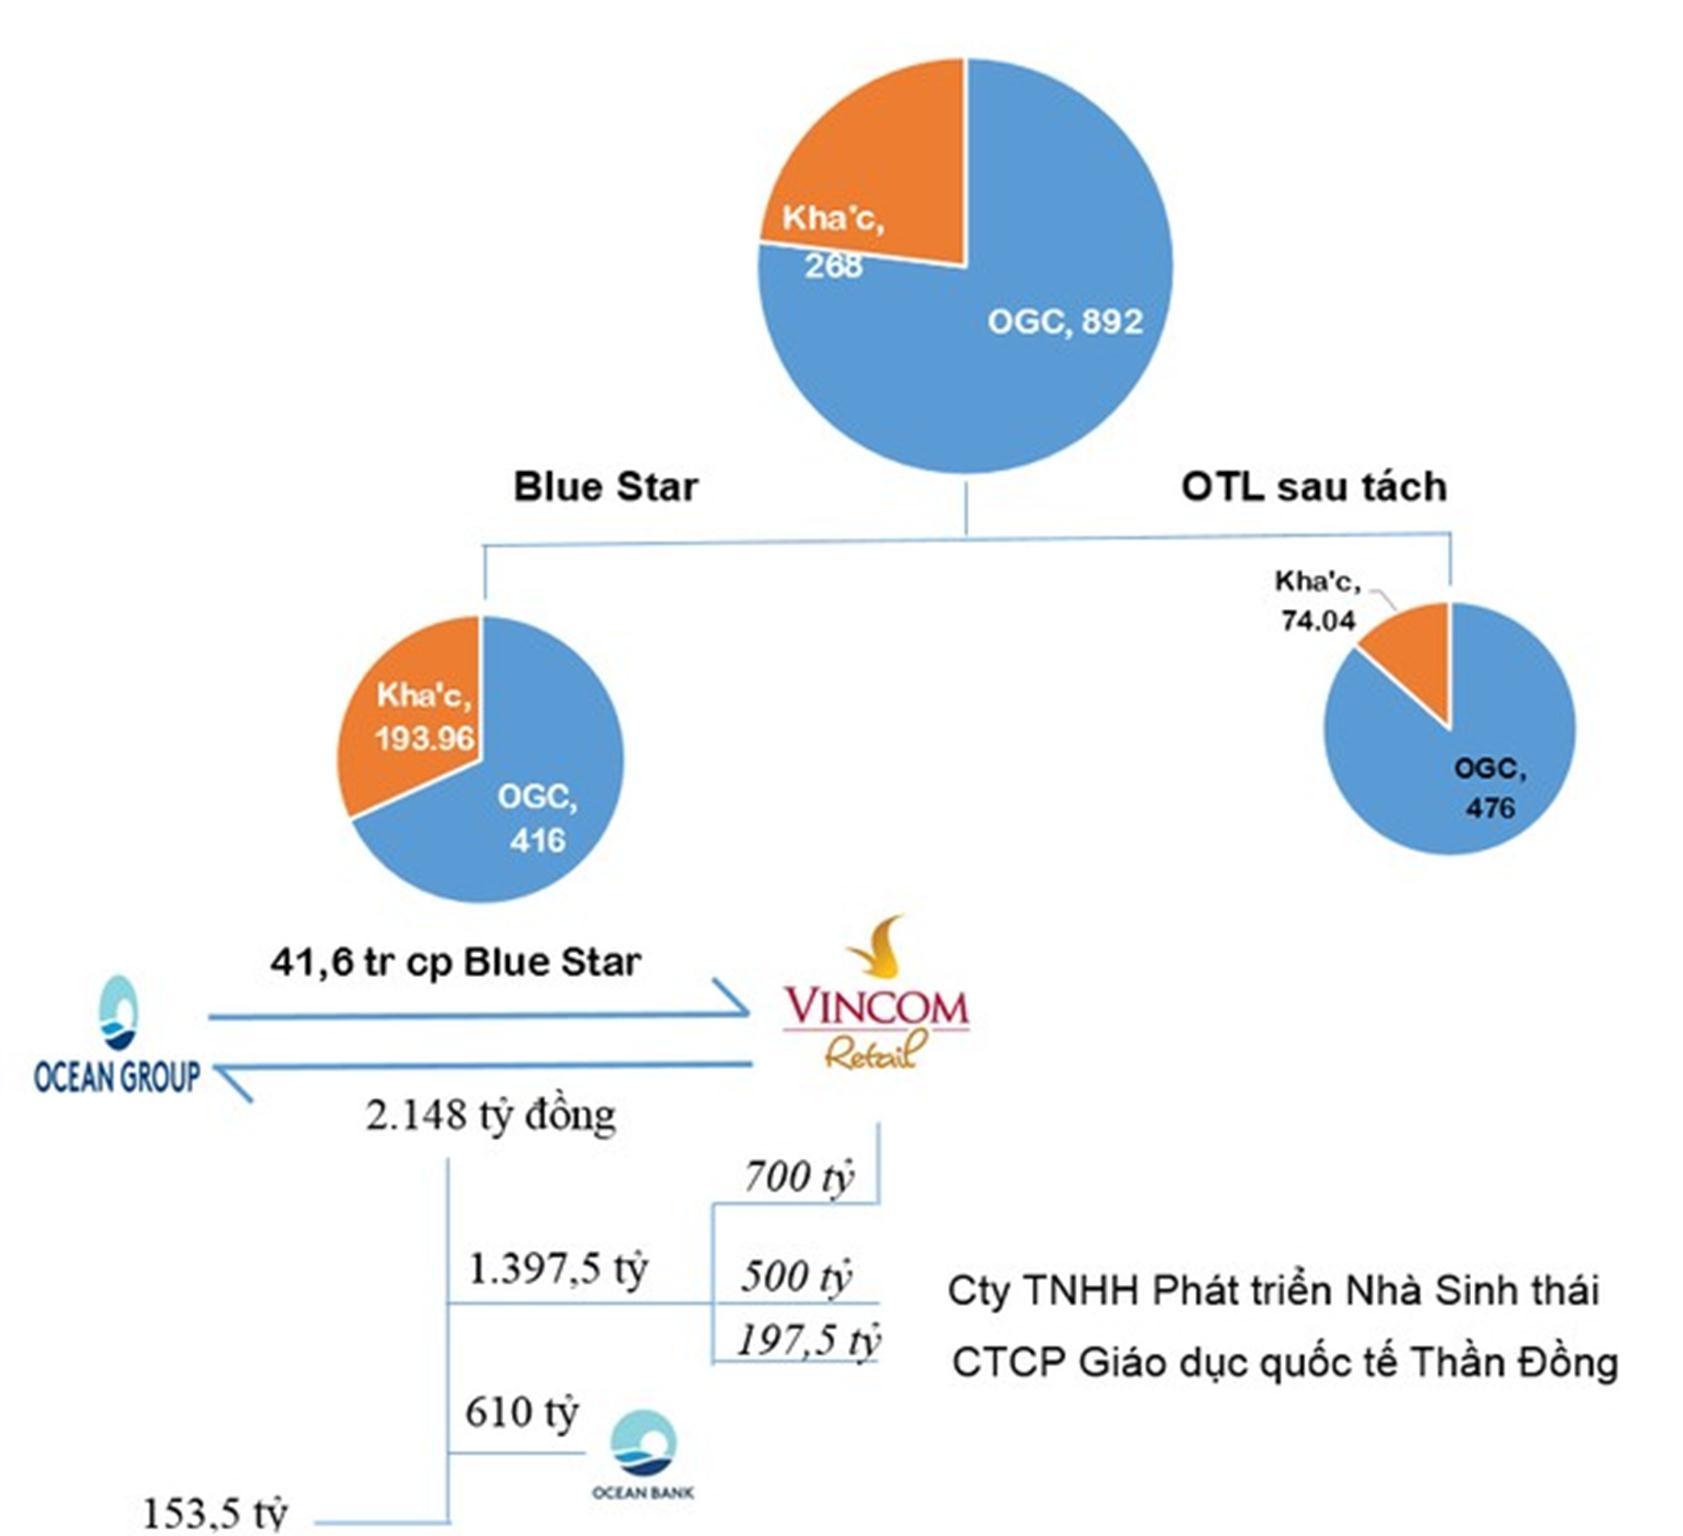 OTL được tách thành hai công ty Blue Star JSC và OTL